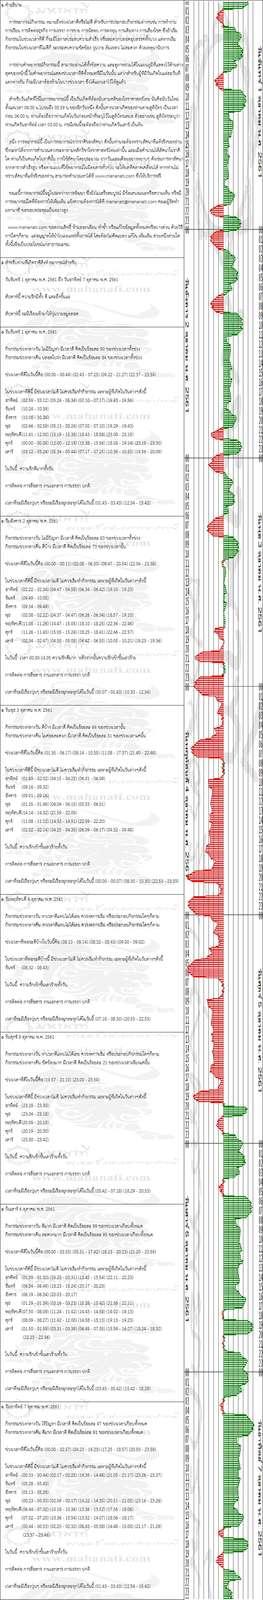 pfnz5e28lfmuyDxPLPg-o.jpg